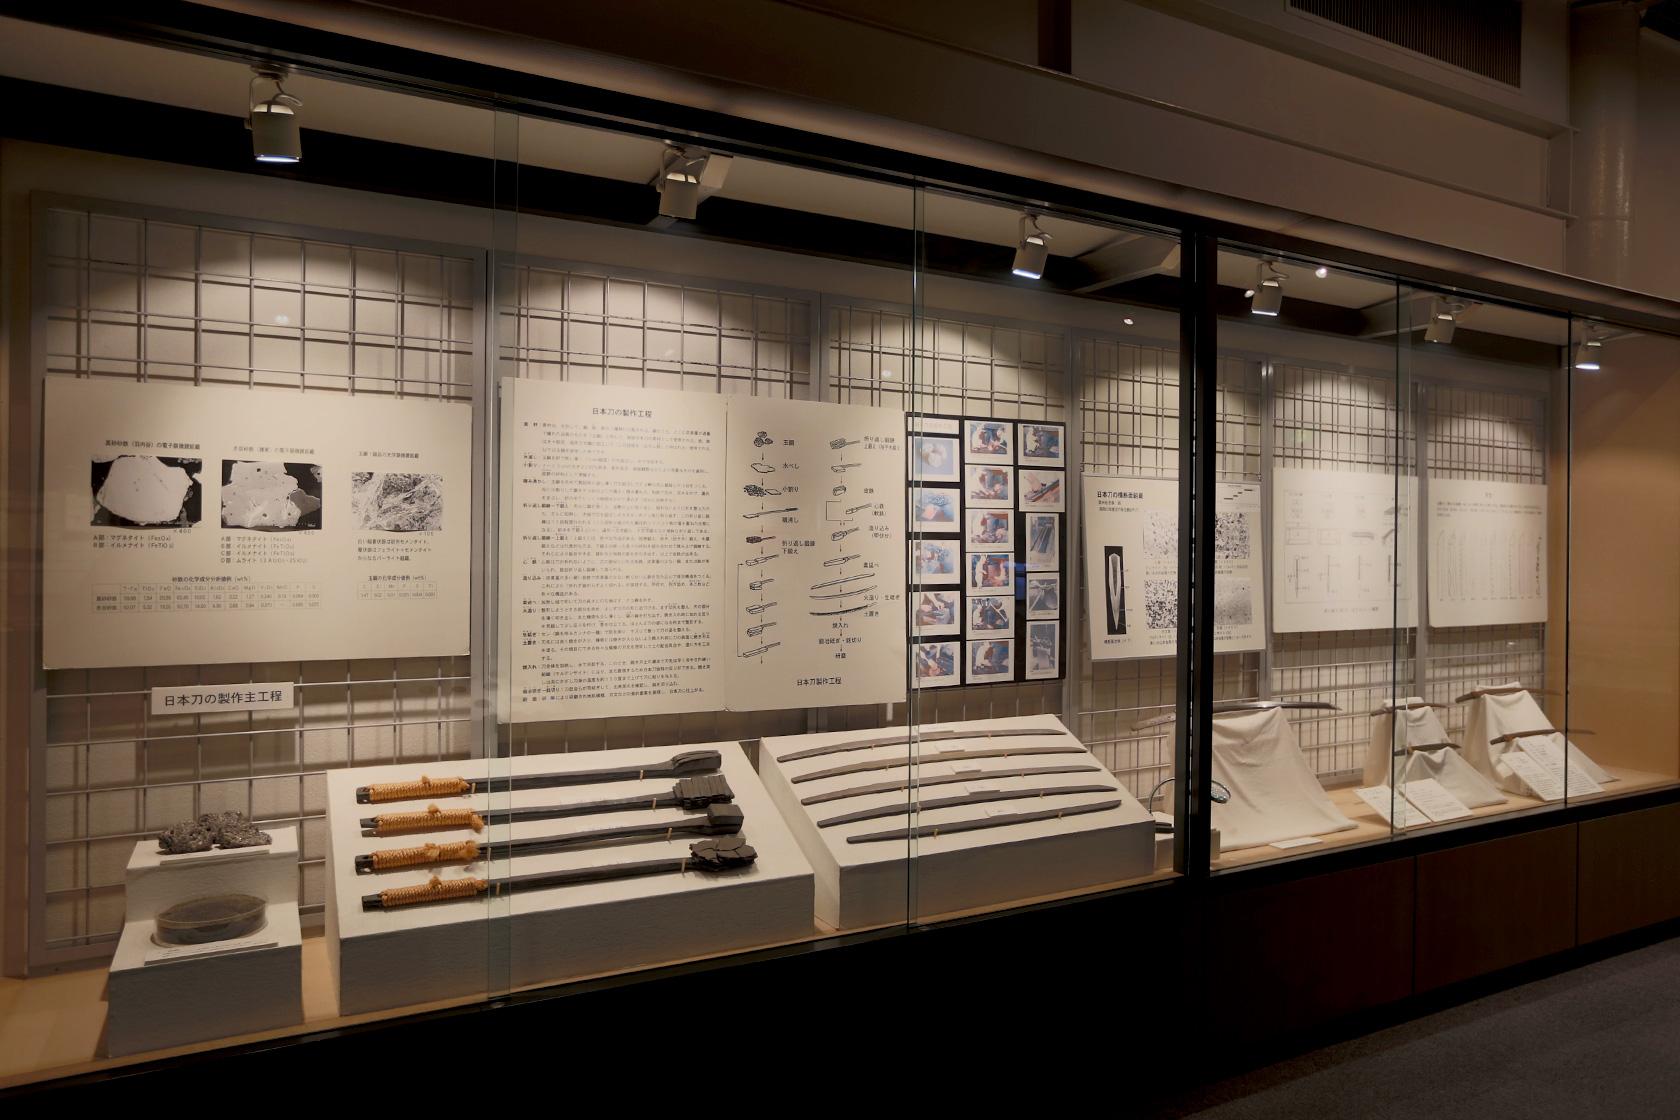 第3展示室の主な展示品の紹介